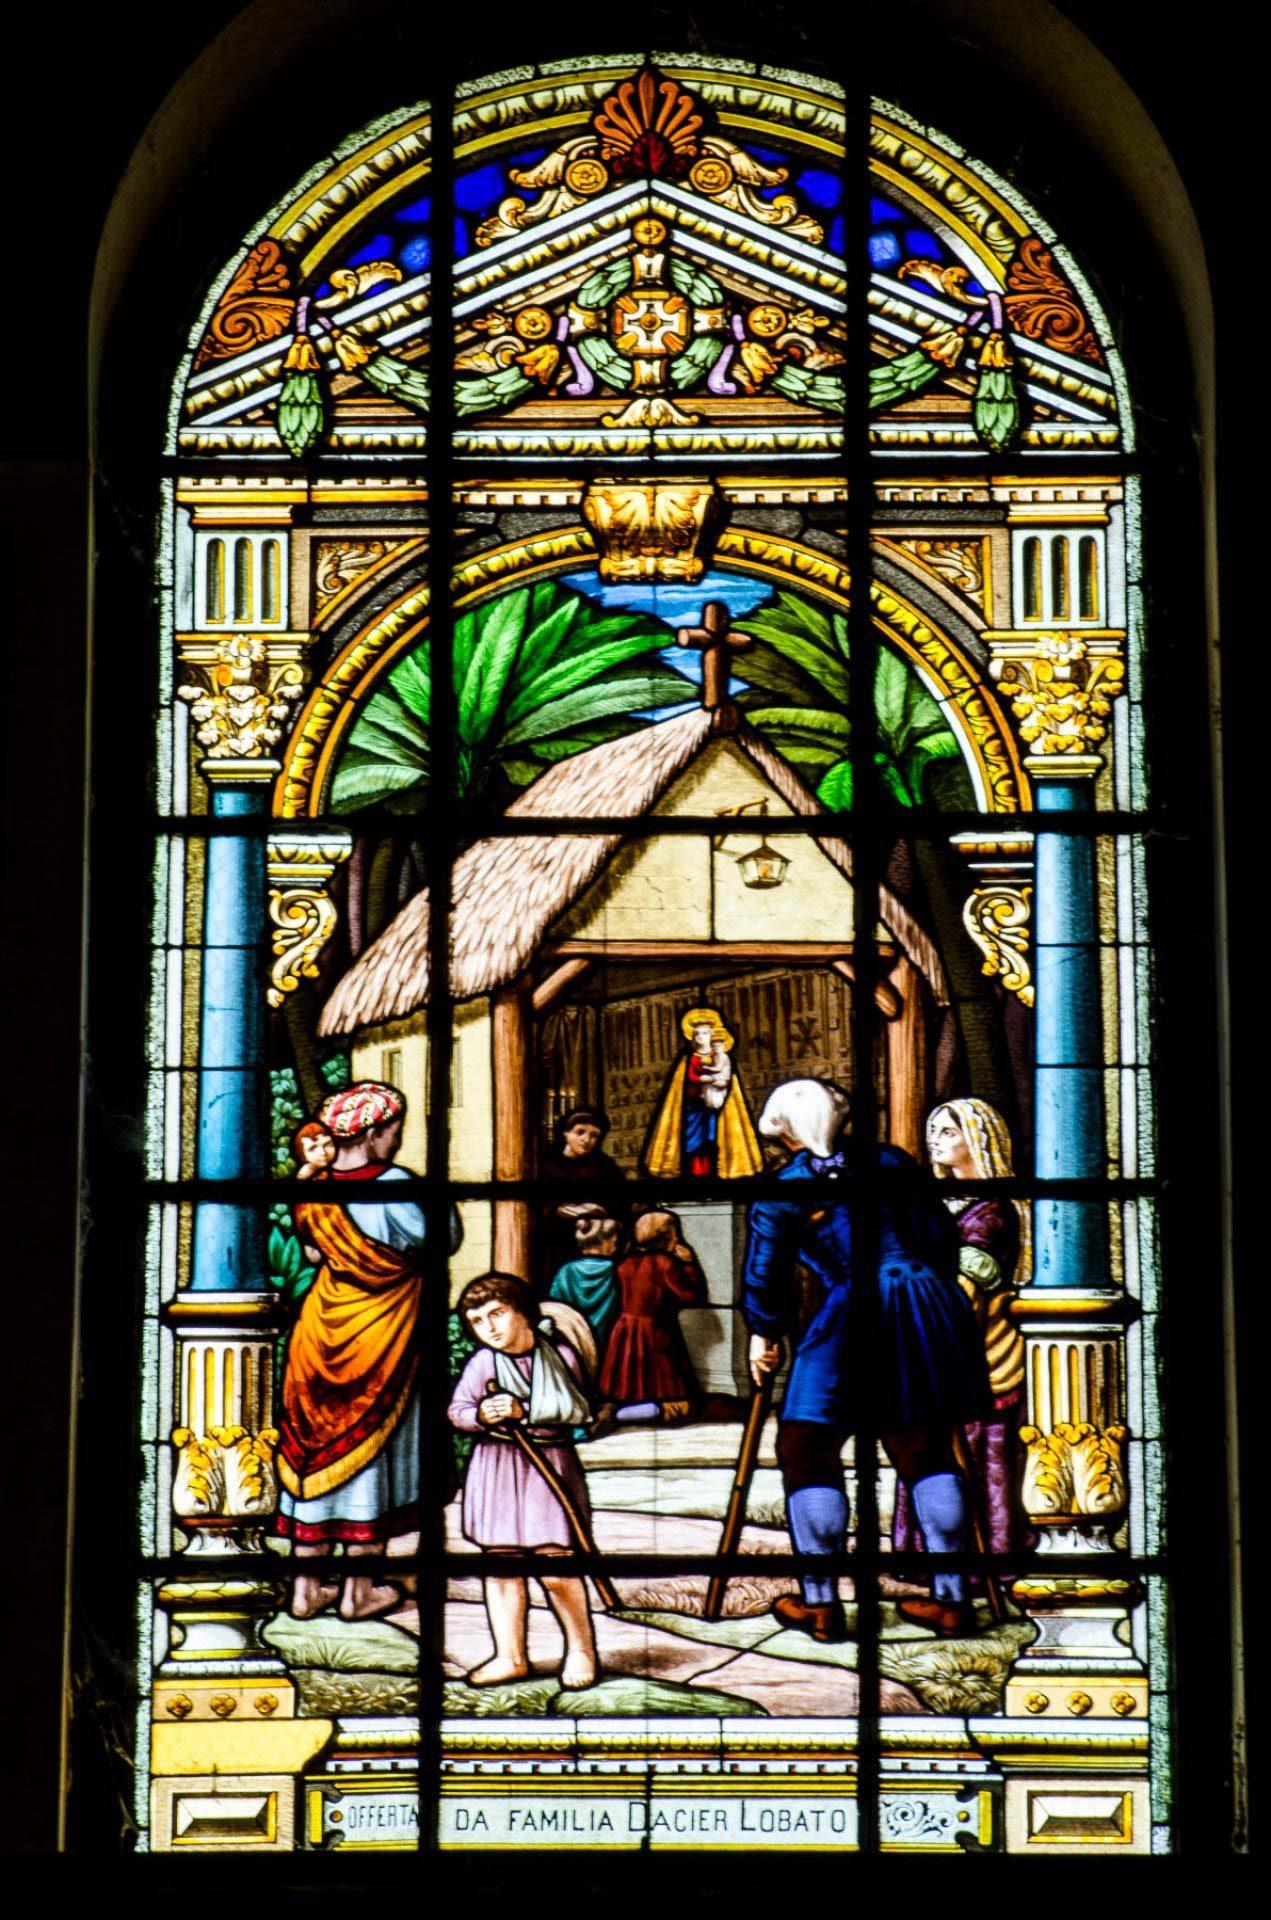 Primeira ermida de Nazaré - Vitrais da Basílica de Nazaré - B